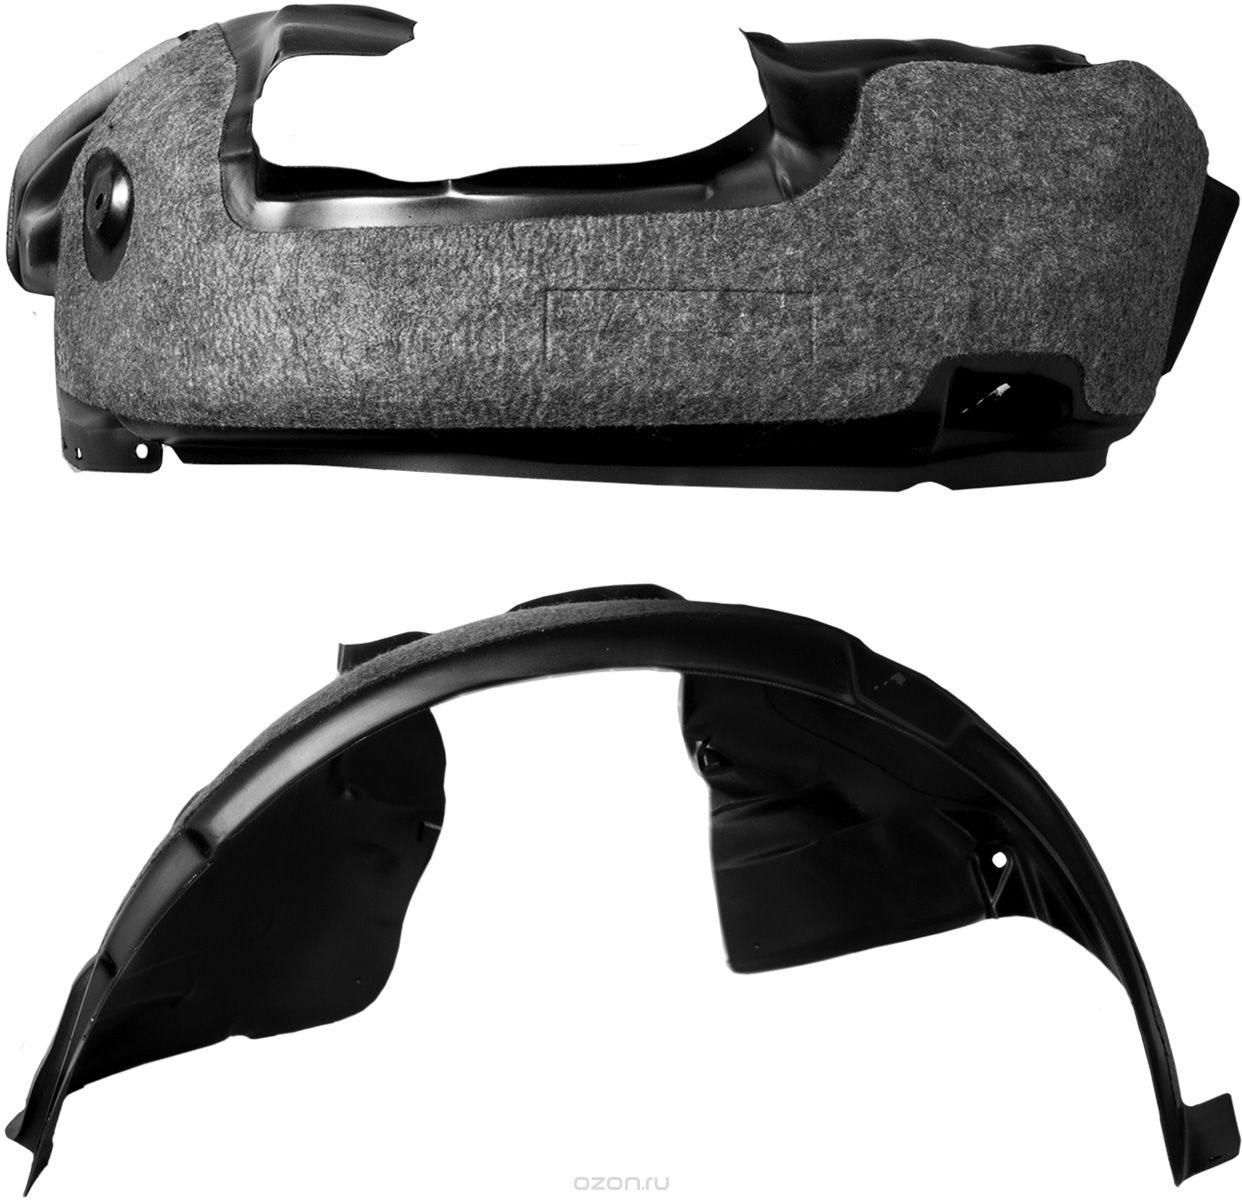 Подкрылок Novline-Autofamily с шумоизоляцией, для Skoda Rapid, 2012->, передний правыйNLS.45.07.002Идеальная защита колесной ниши. Локеры разработаны с применением цифровых технологий, гарантируют максимальную повторяемость поверхности арки. Изделия устанавливаются без нарушения лакокрасочного покрытия автомобиля, каждый подкрылок комплектуется крепежом. Уважаемые клиенты, обращаем ваше внимание, что фотографии на подкрылки универсальные и не отражают реальную форму изделия. При этом само изделие идет точно под размер указанного автомобиля.